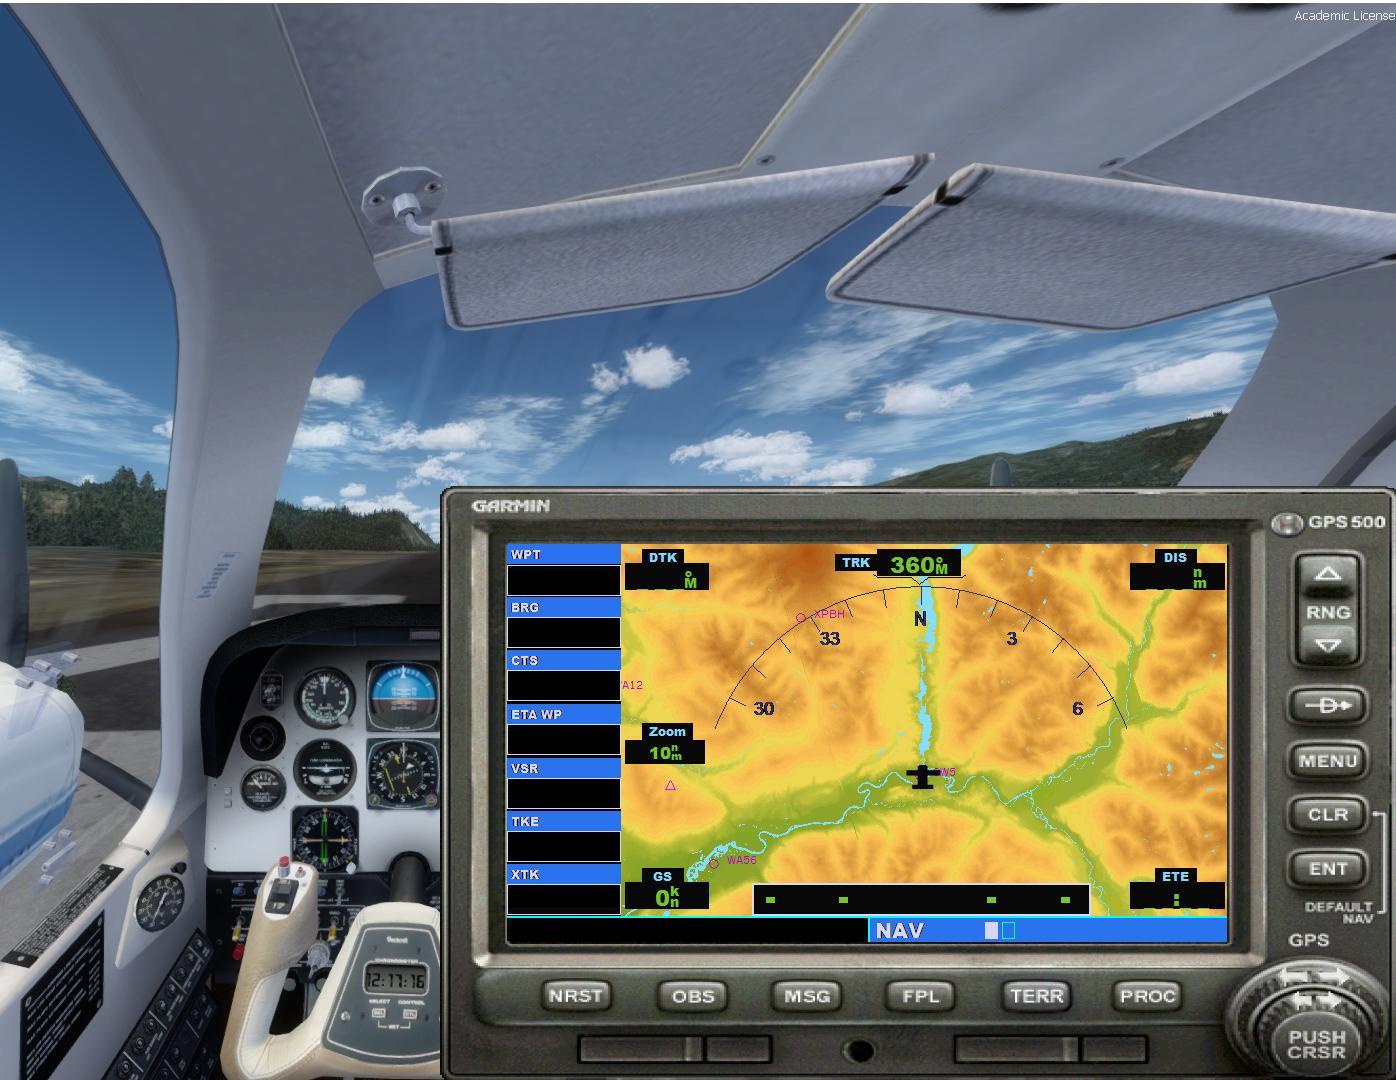 Arduino controller - Building a GPS - SPAD neXt